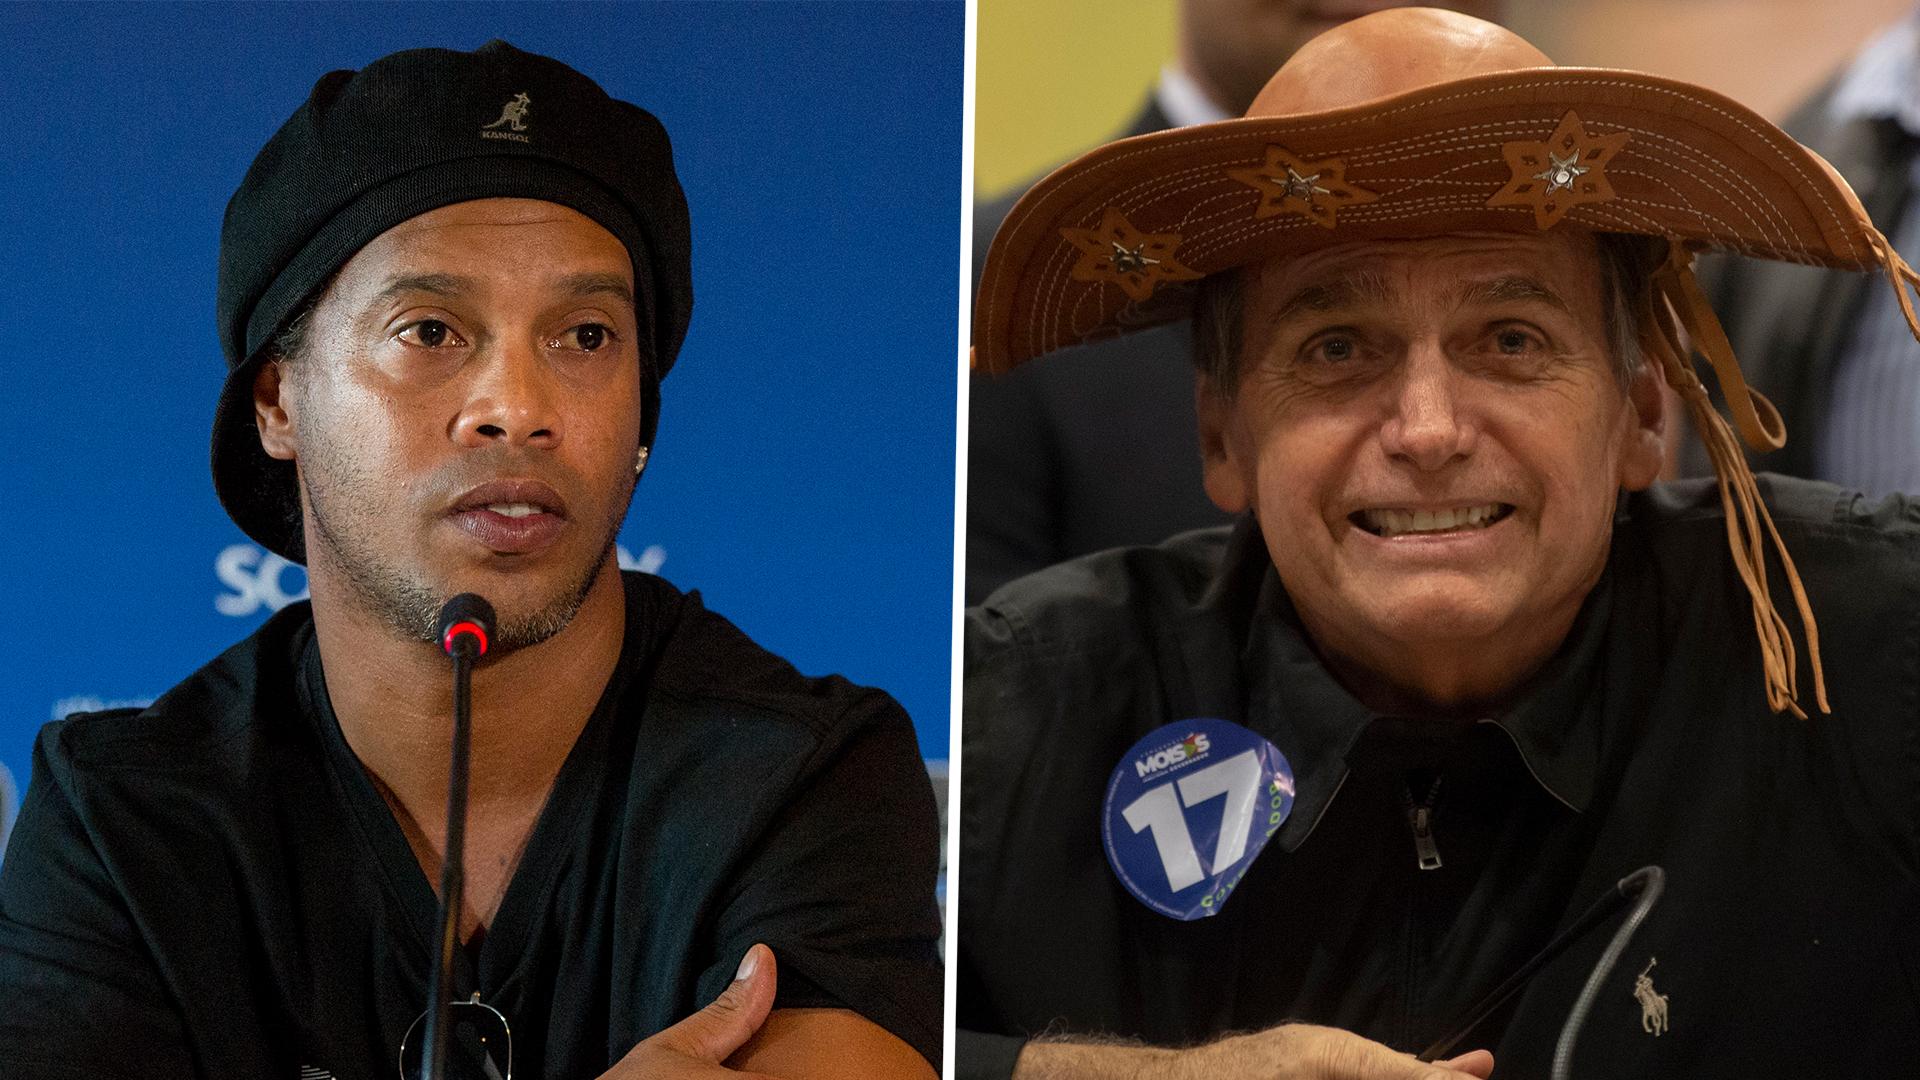 Ronaldinho-jair-bolsonaro_1k4ngtwbw16kp1v4owbgrz3j27